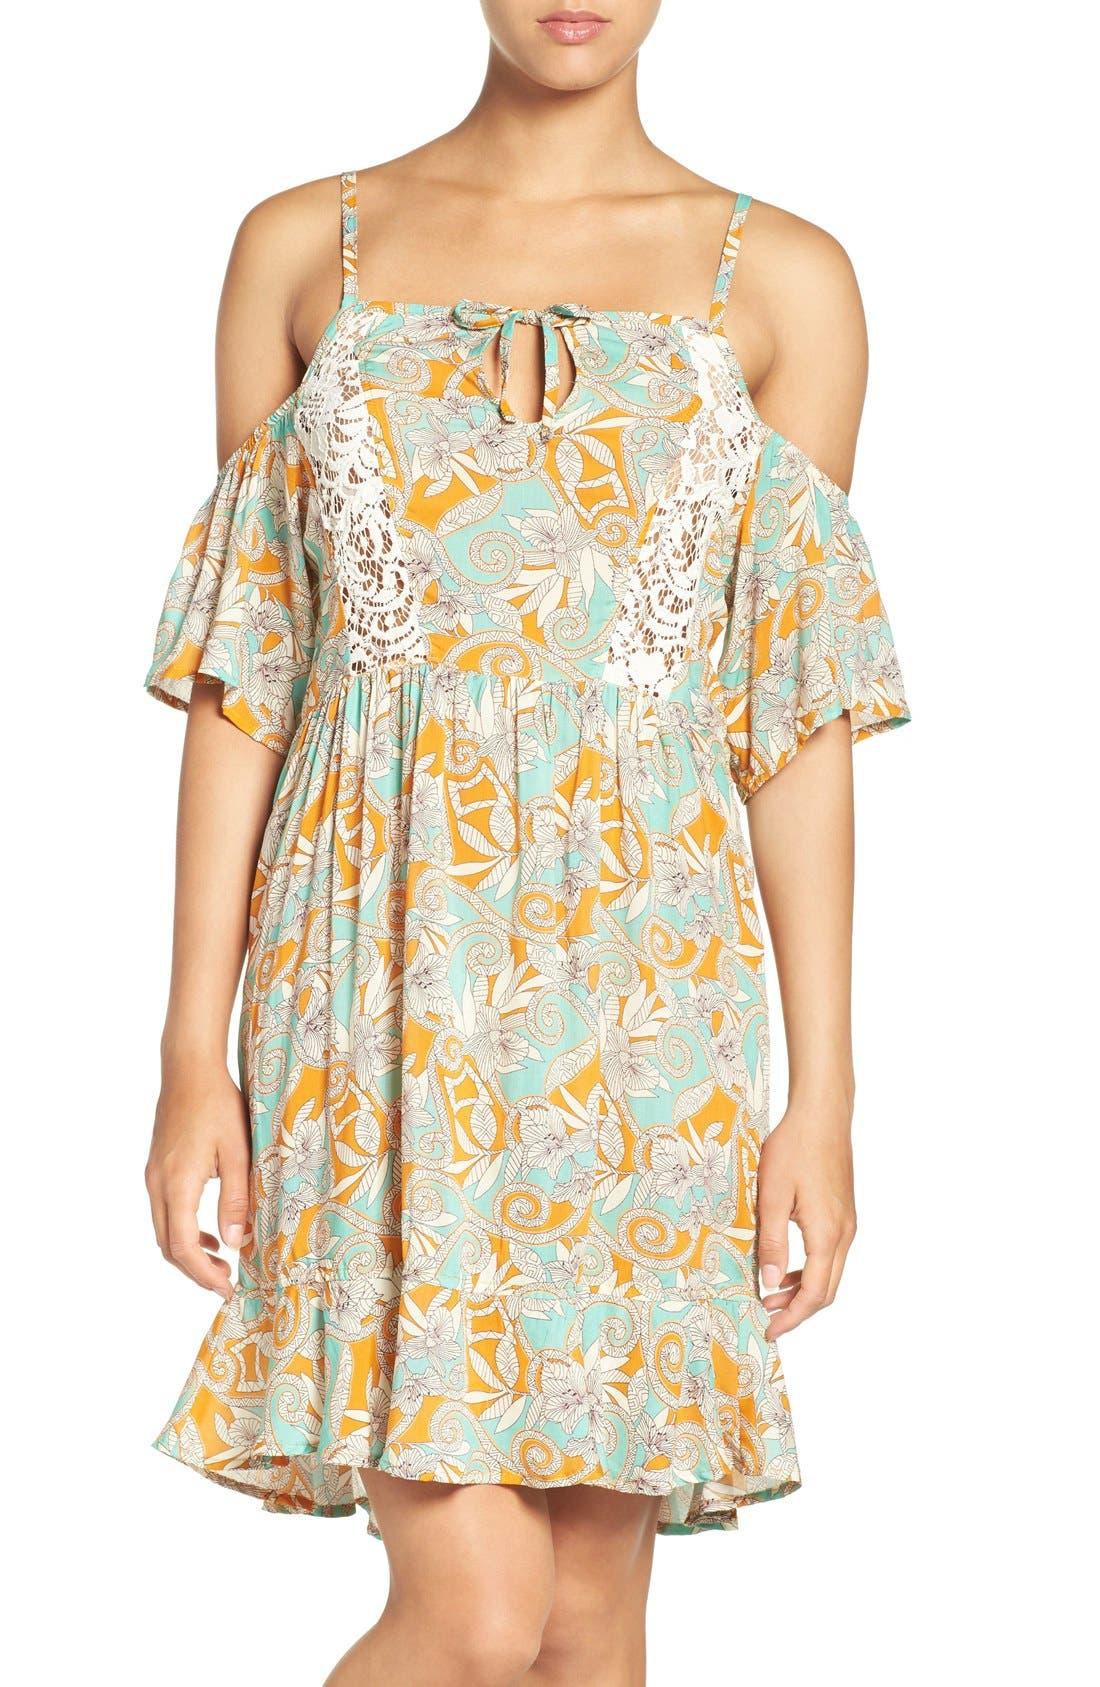 Alternate Image 1 Selected - Maaji 'Botanic Sandy' Cold-Shoulder Cover-Up Dress